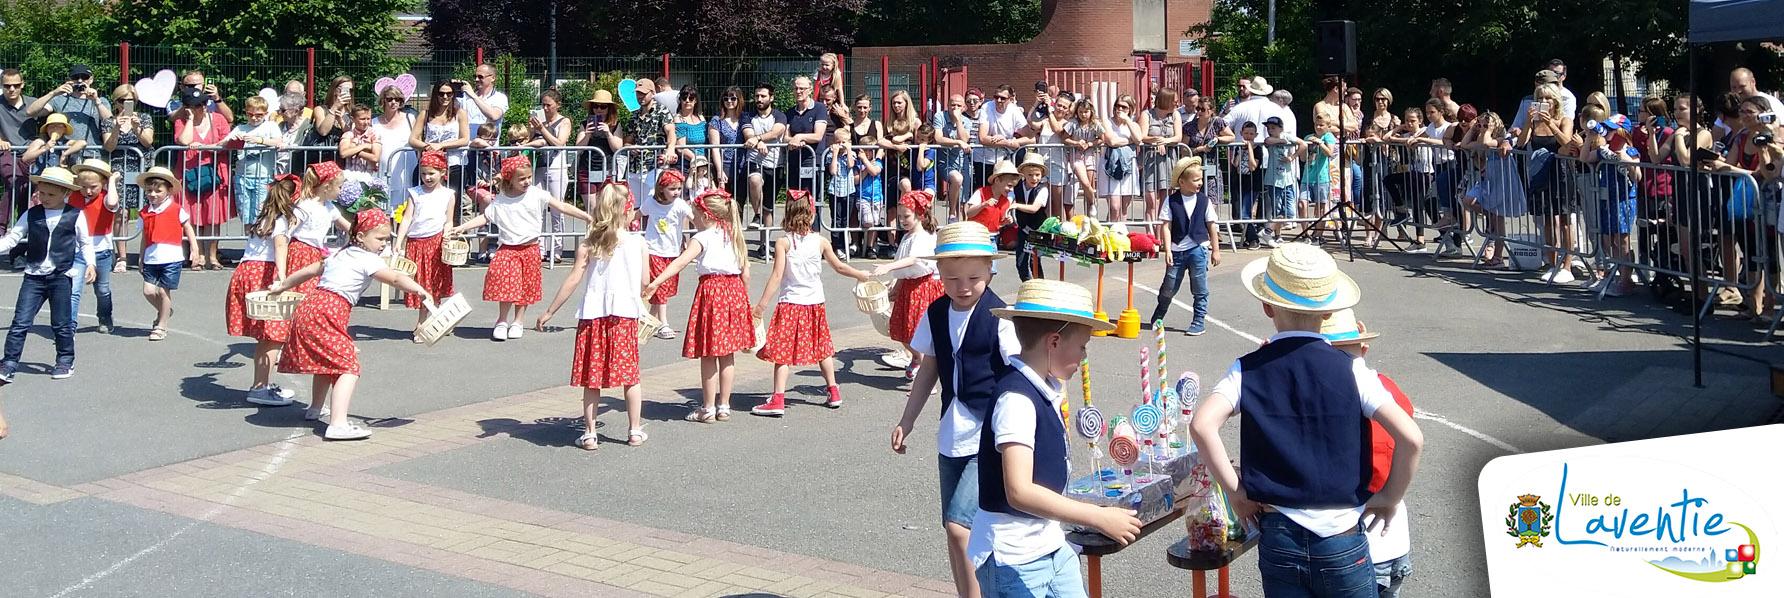 Kermesse 2019 des écoles publiques